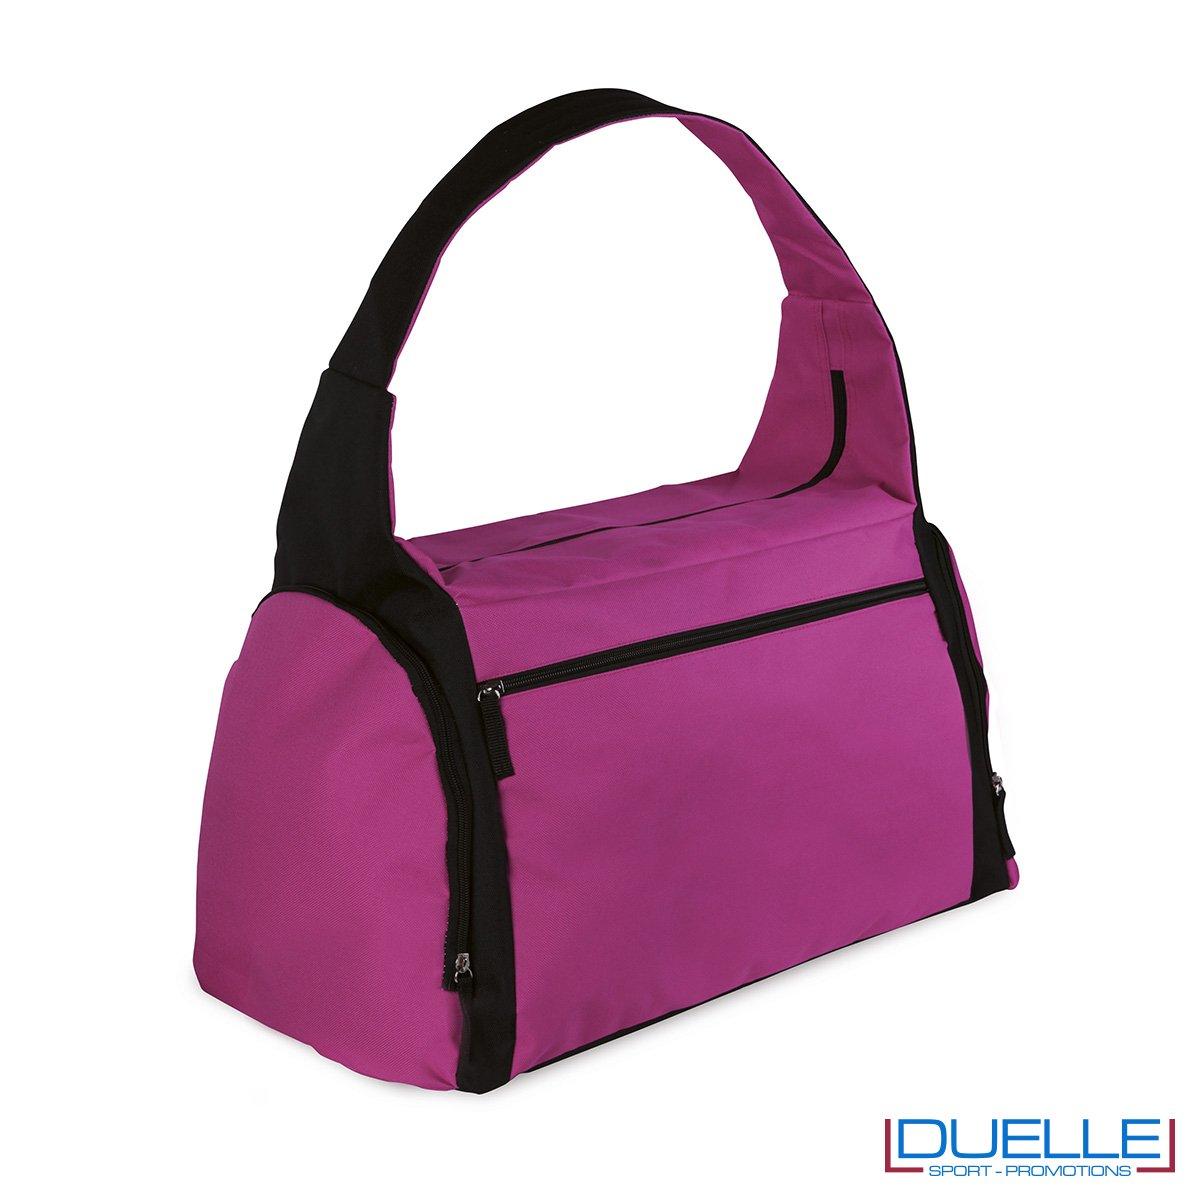 borsa sportiva colore FUXIA ideale per la palestra, borse sportive personalizzate, gadget sportivi personalizzati